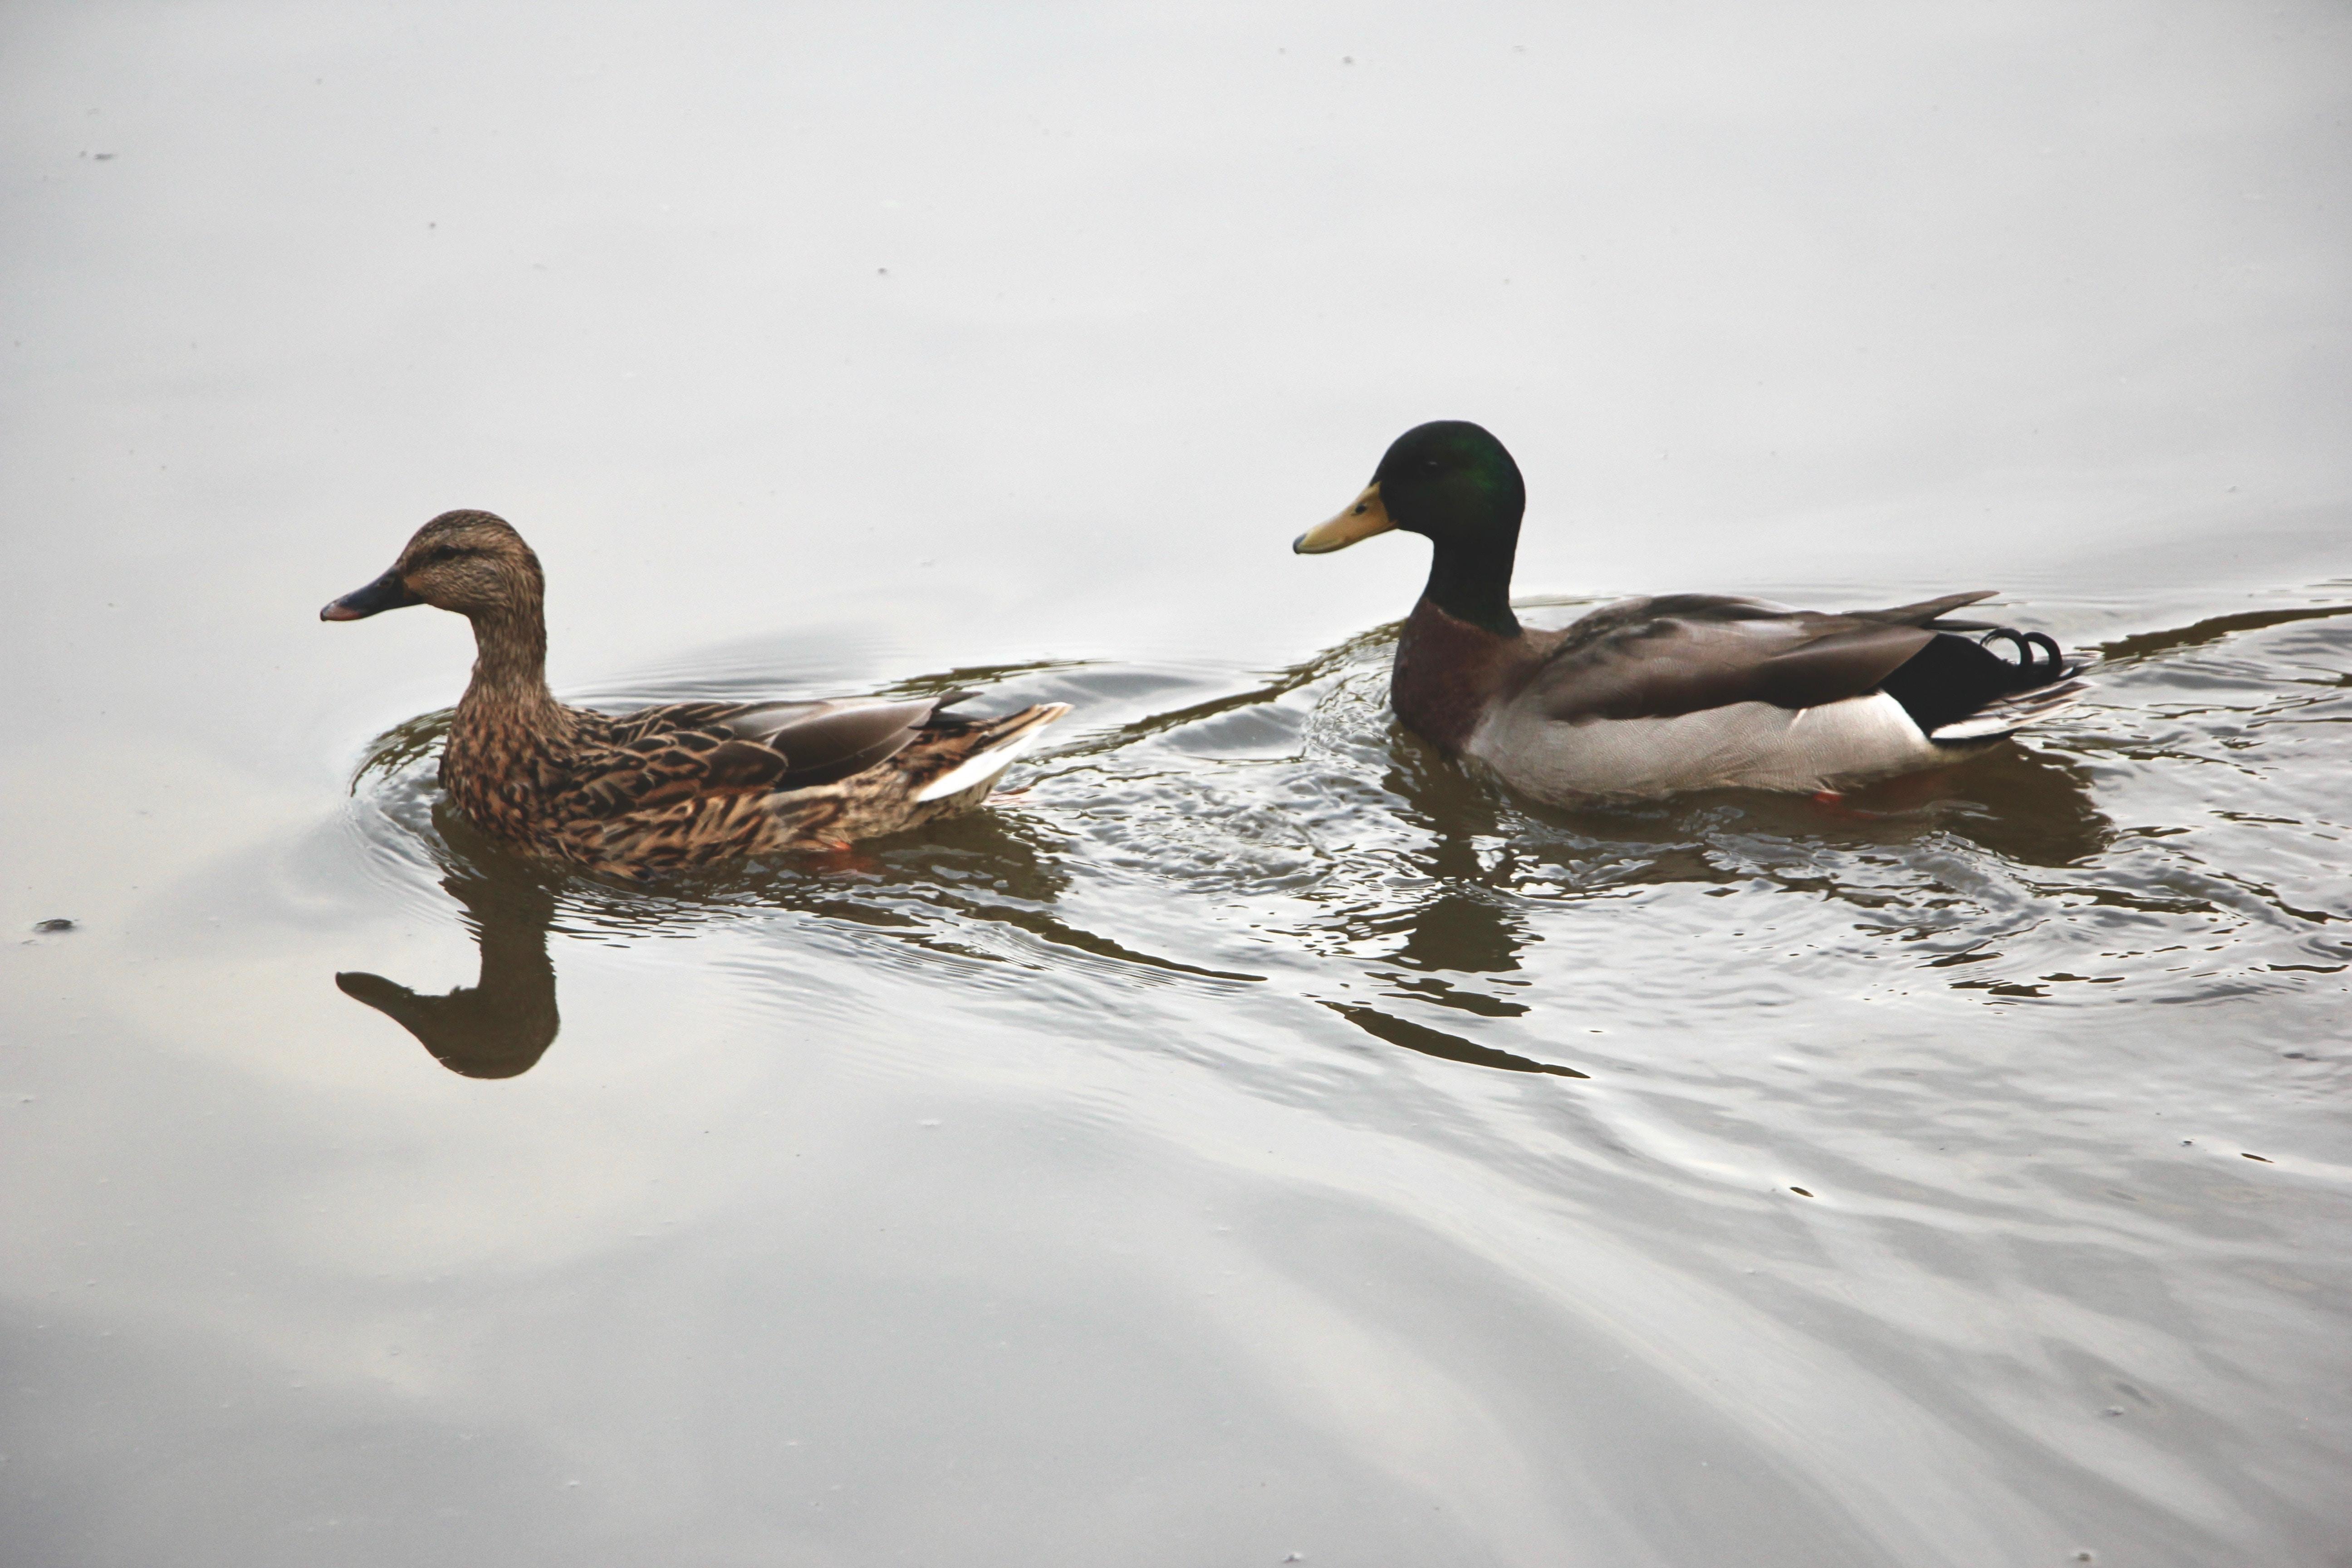 two mallard ducks on body of water